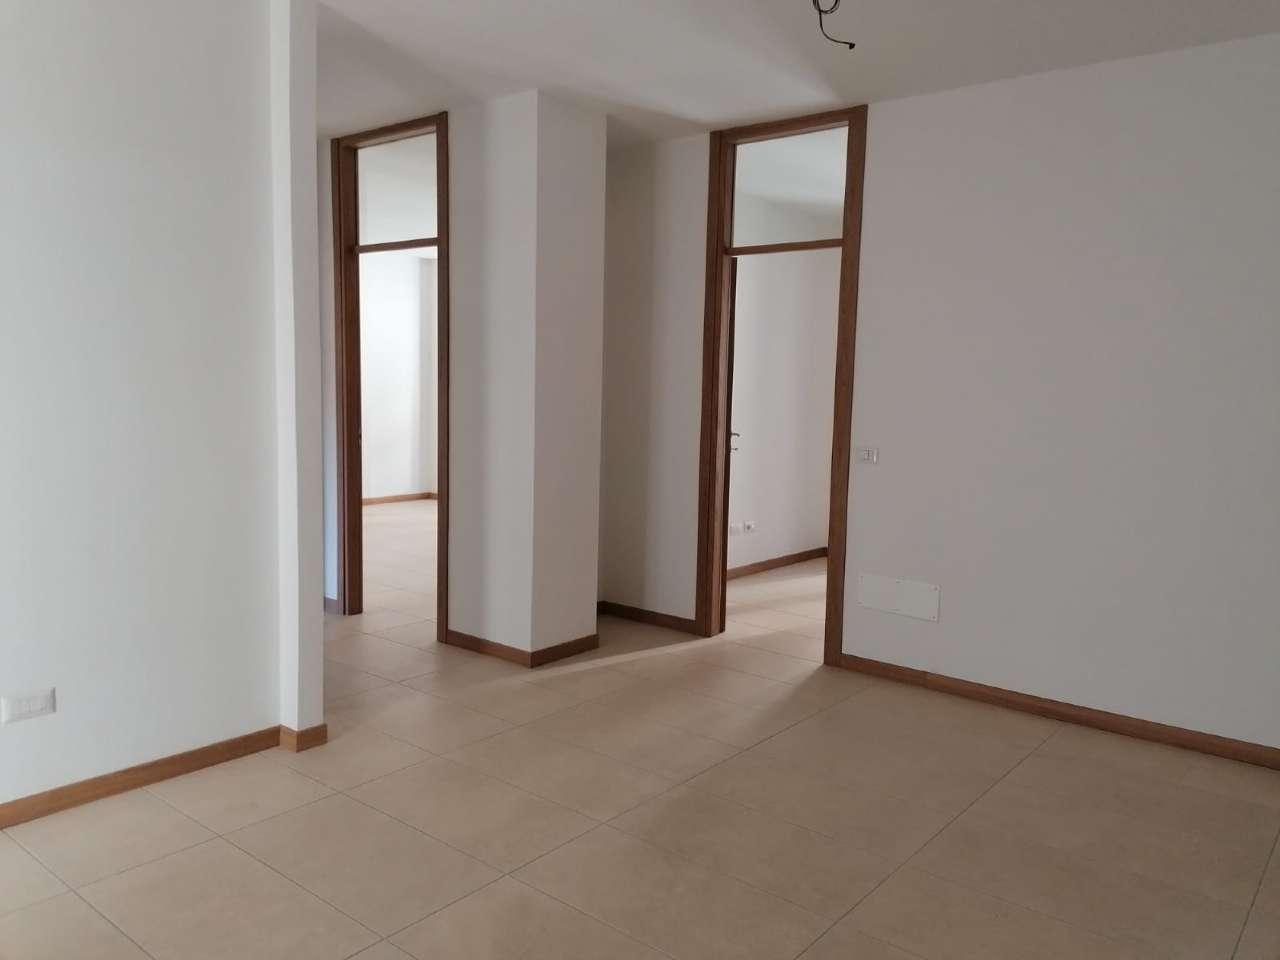 Ufficio / Studio in vendita a Sondrio, 4 locali, prezzo € 150.000 | CambioCasa.it